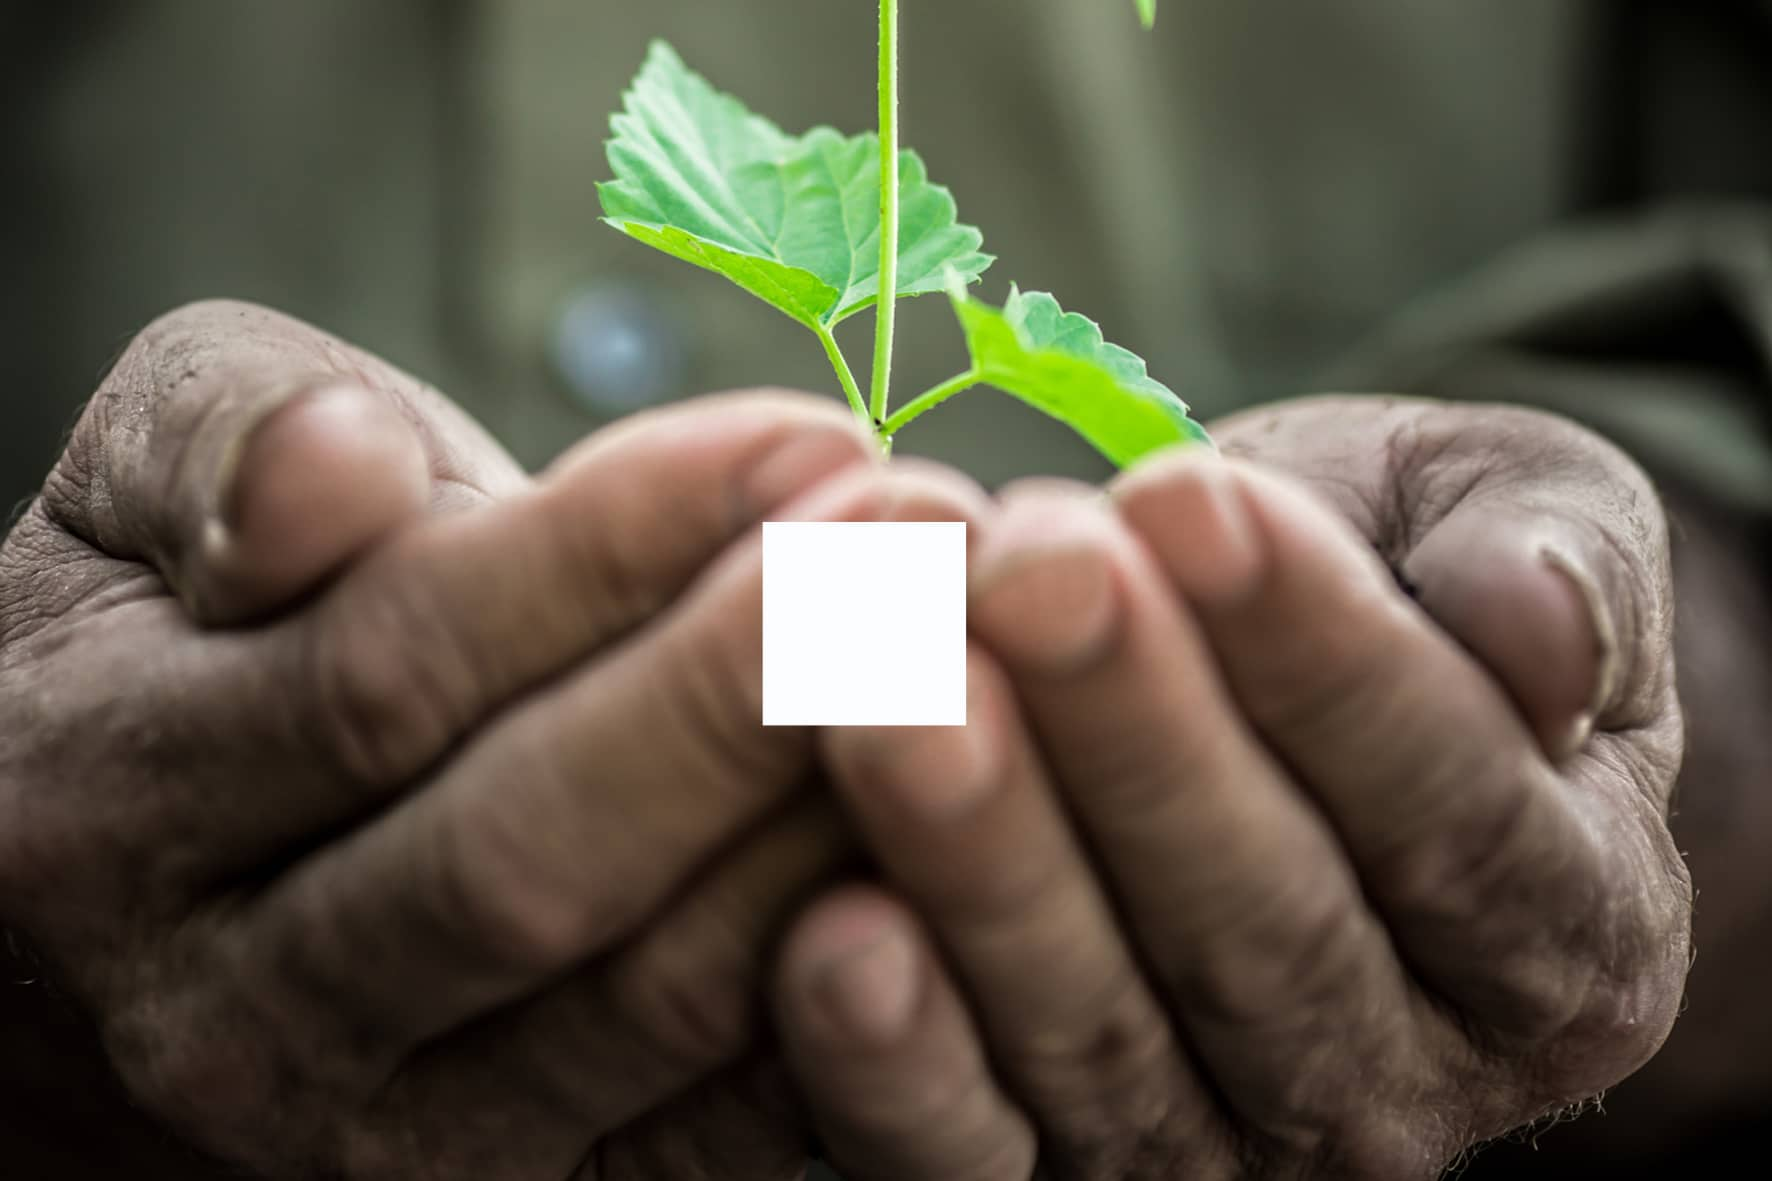 seme-pianta-gemma-fiore-frutto